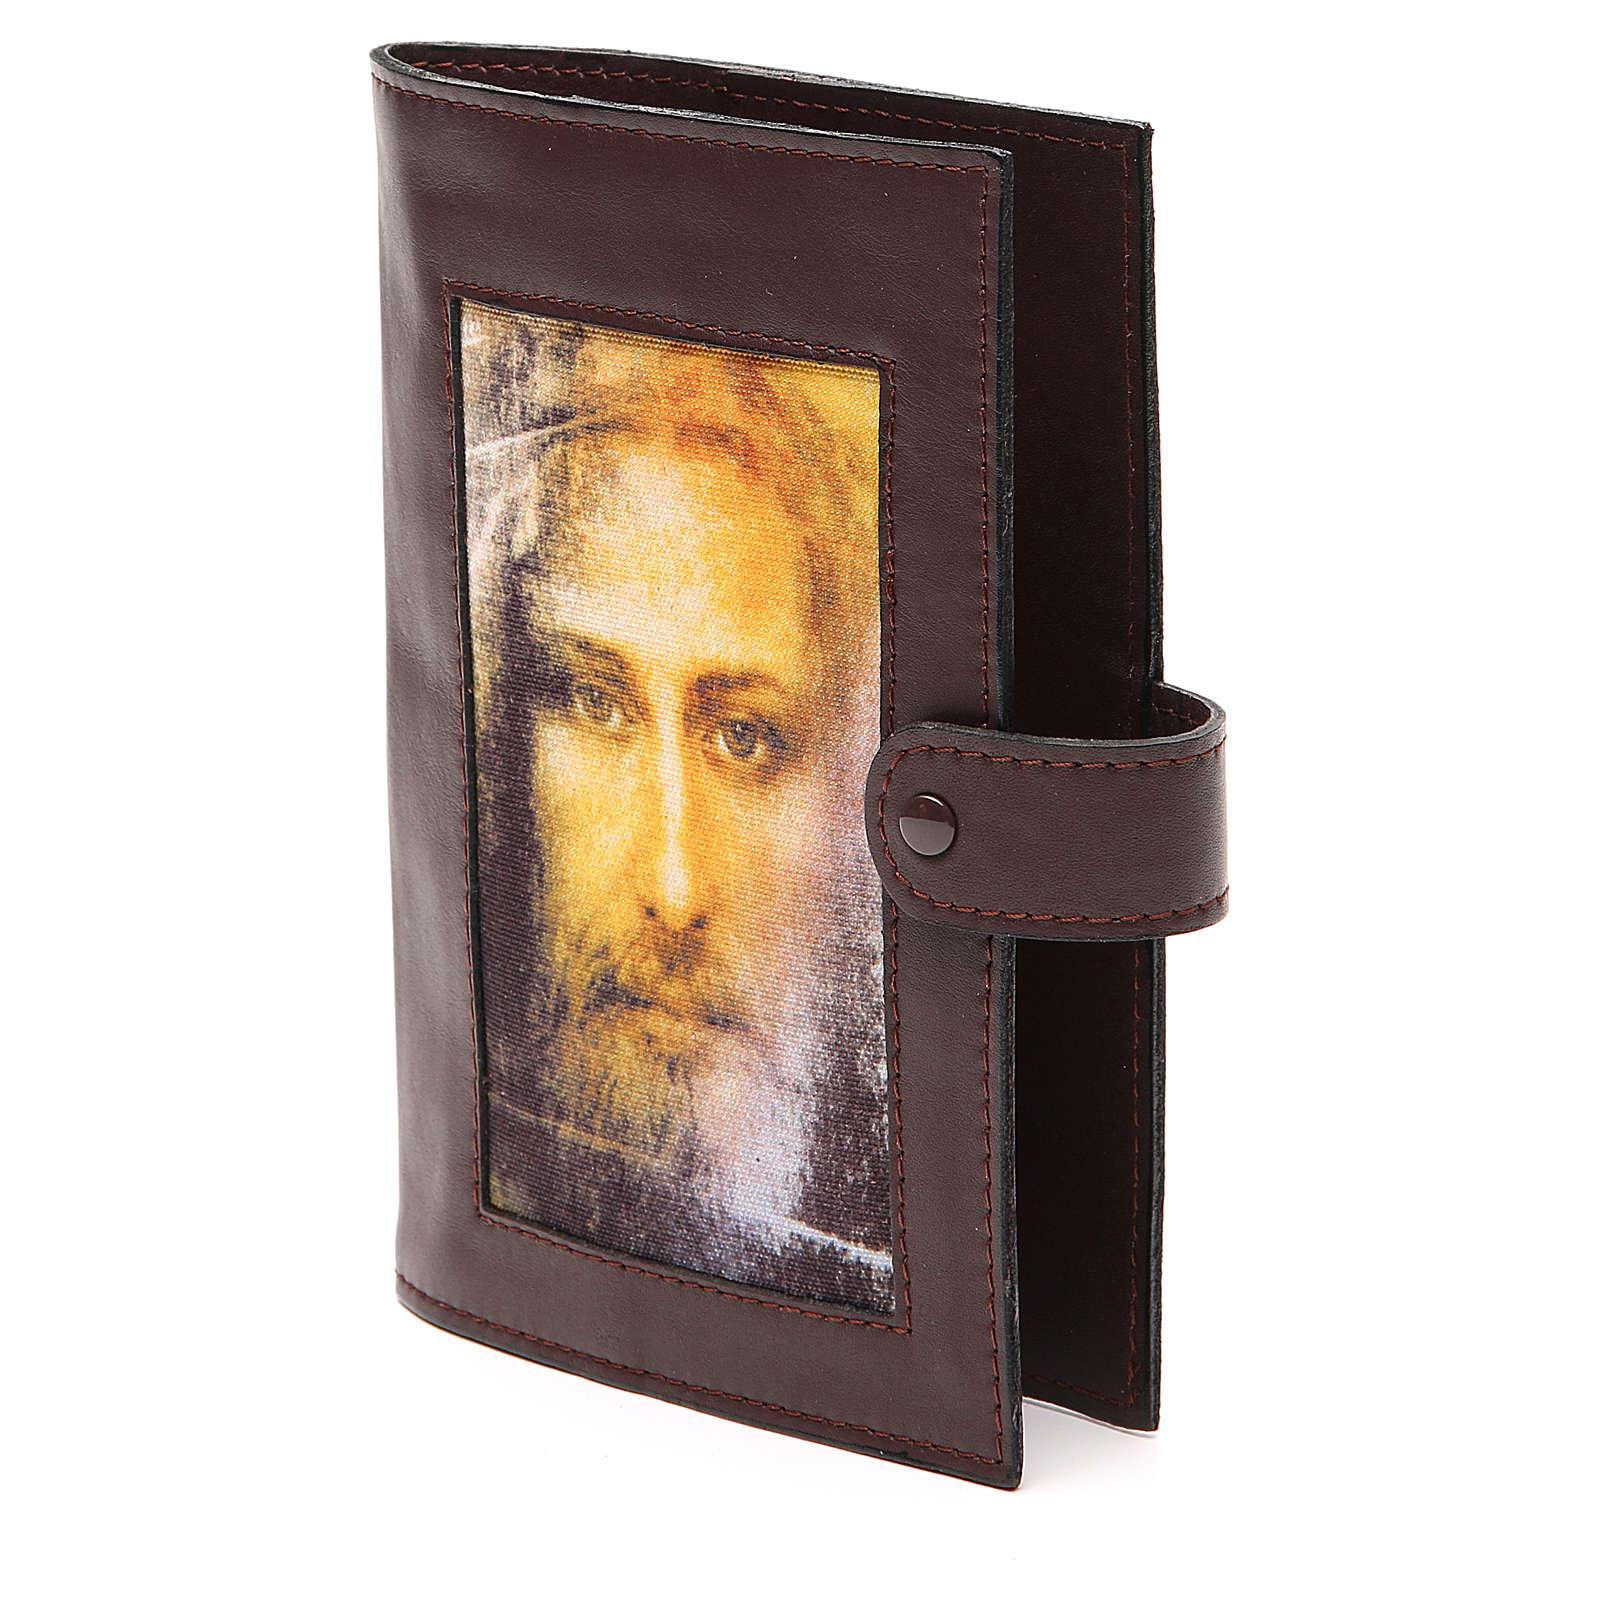 Couv. Lit. Heures 4 vol. cuir brun foncé Visage Christ 4